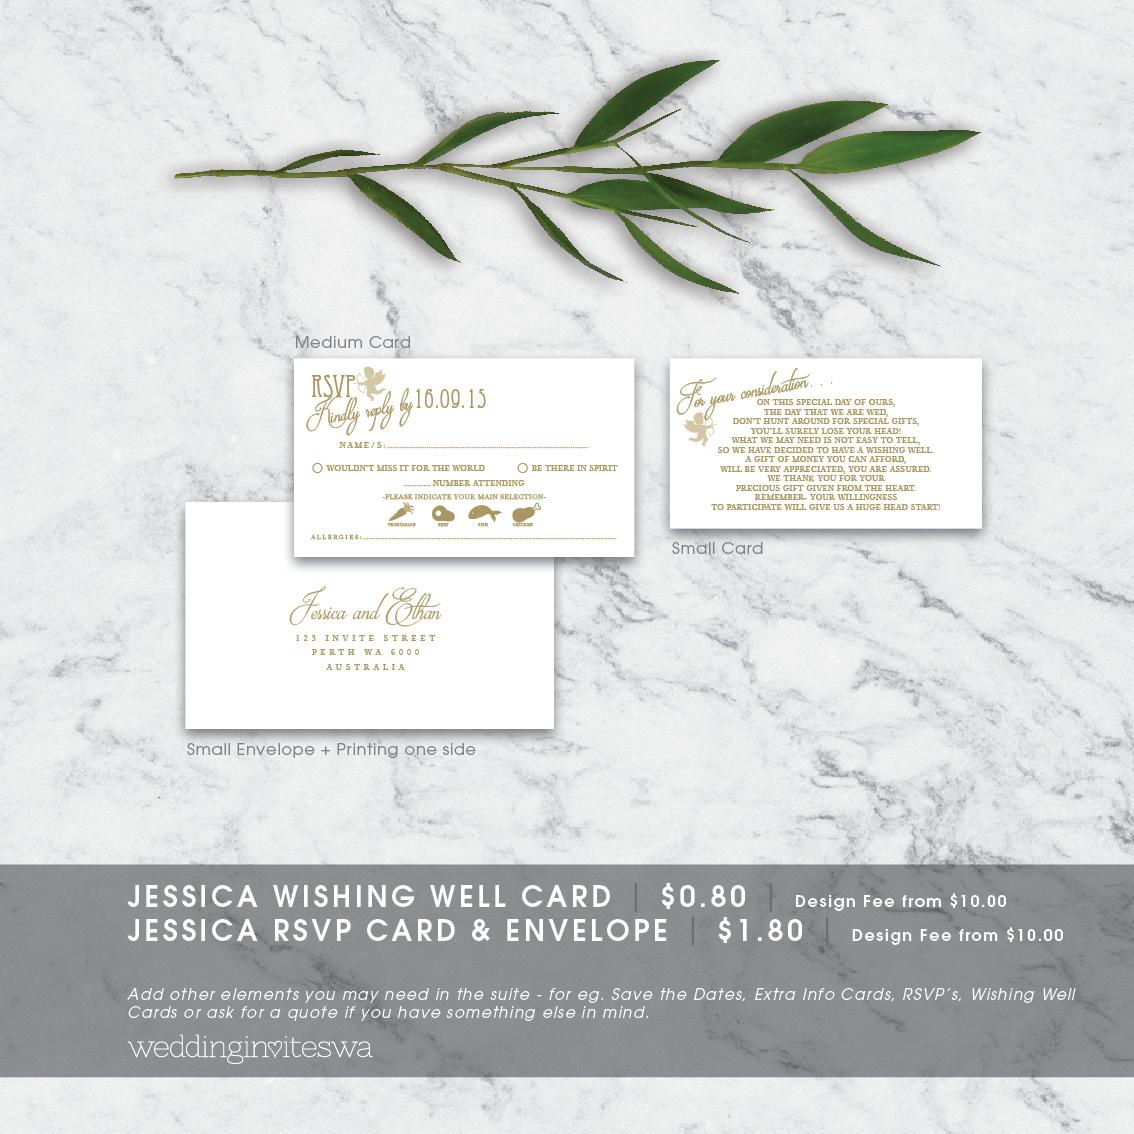 JESSICA_extra cards